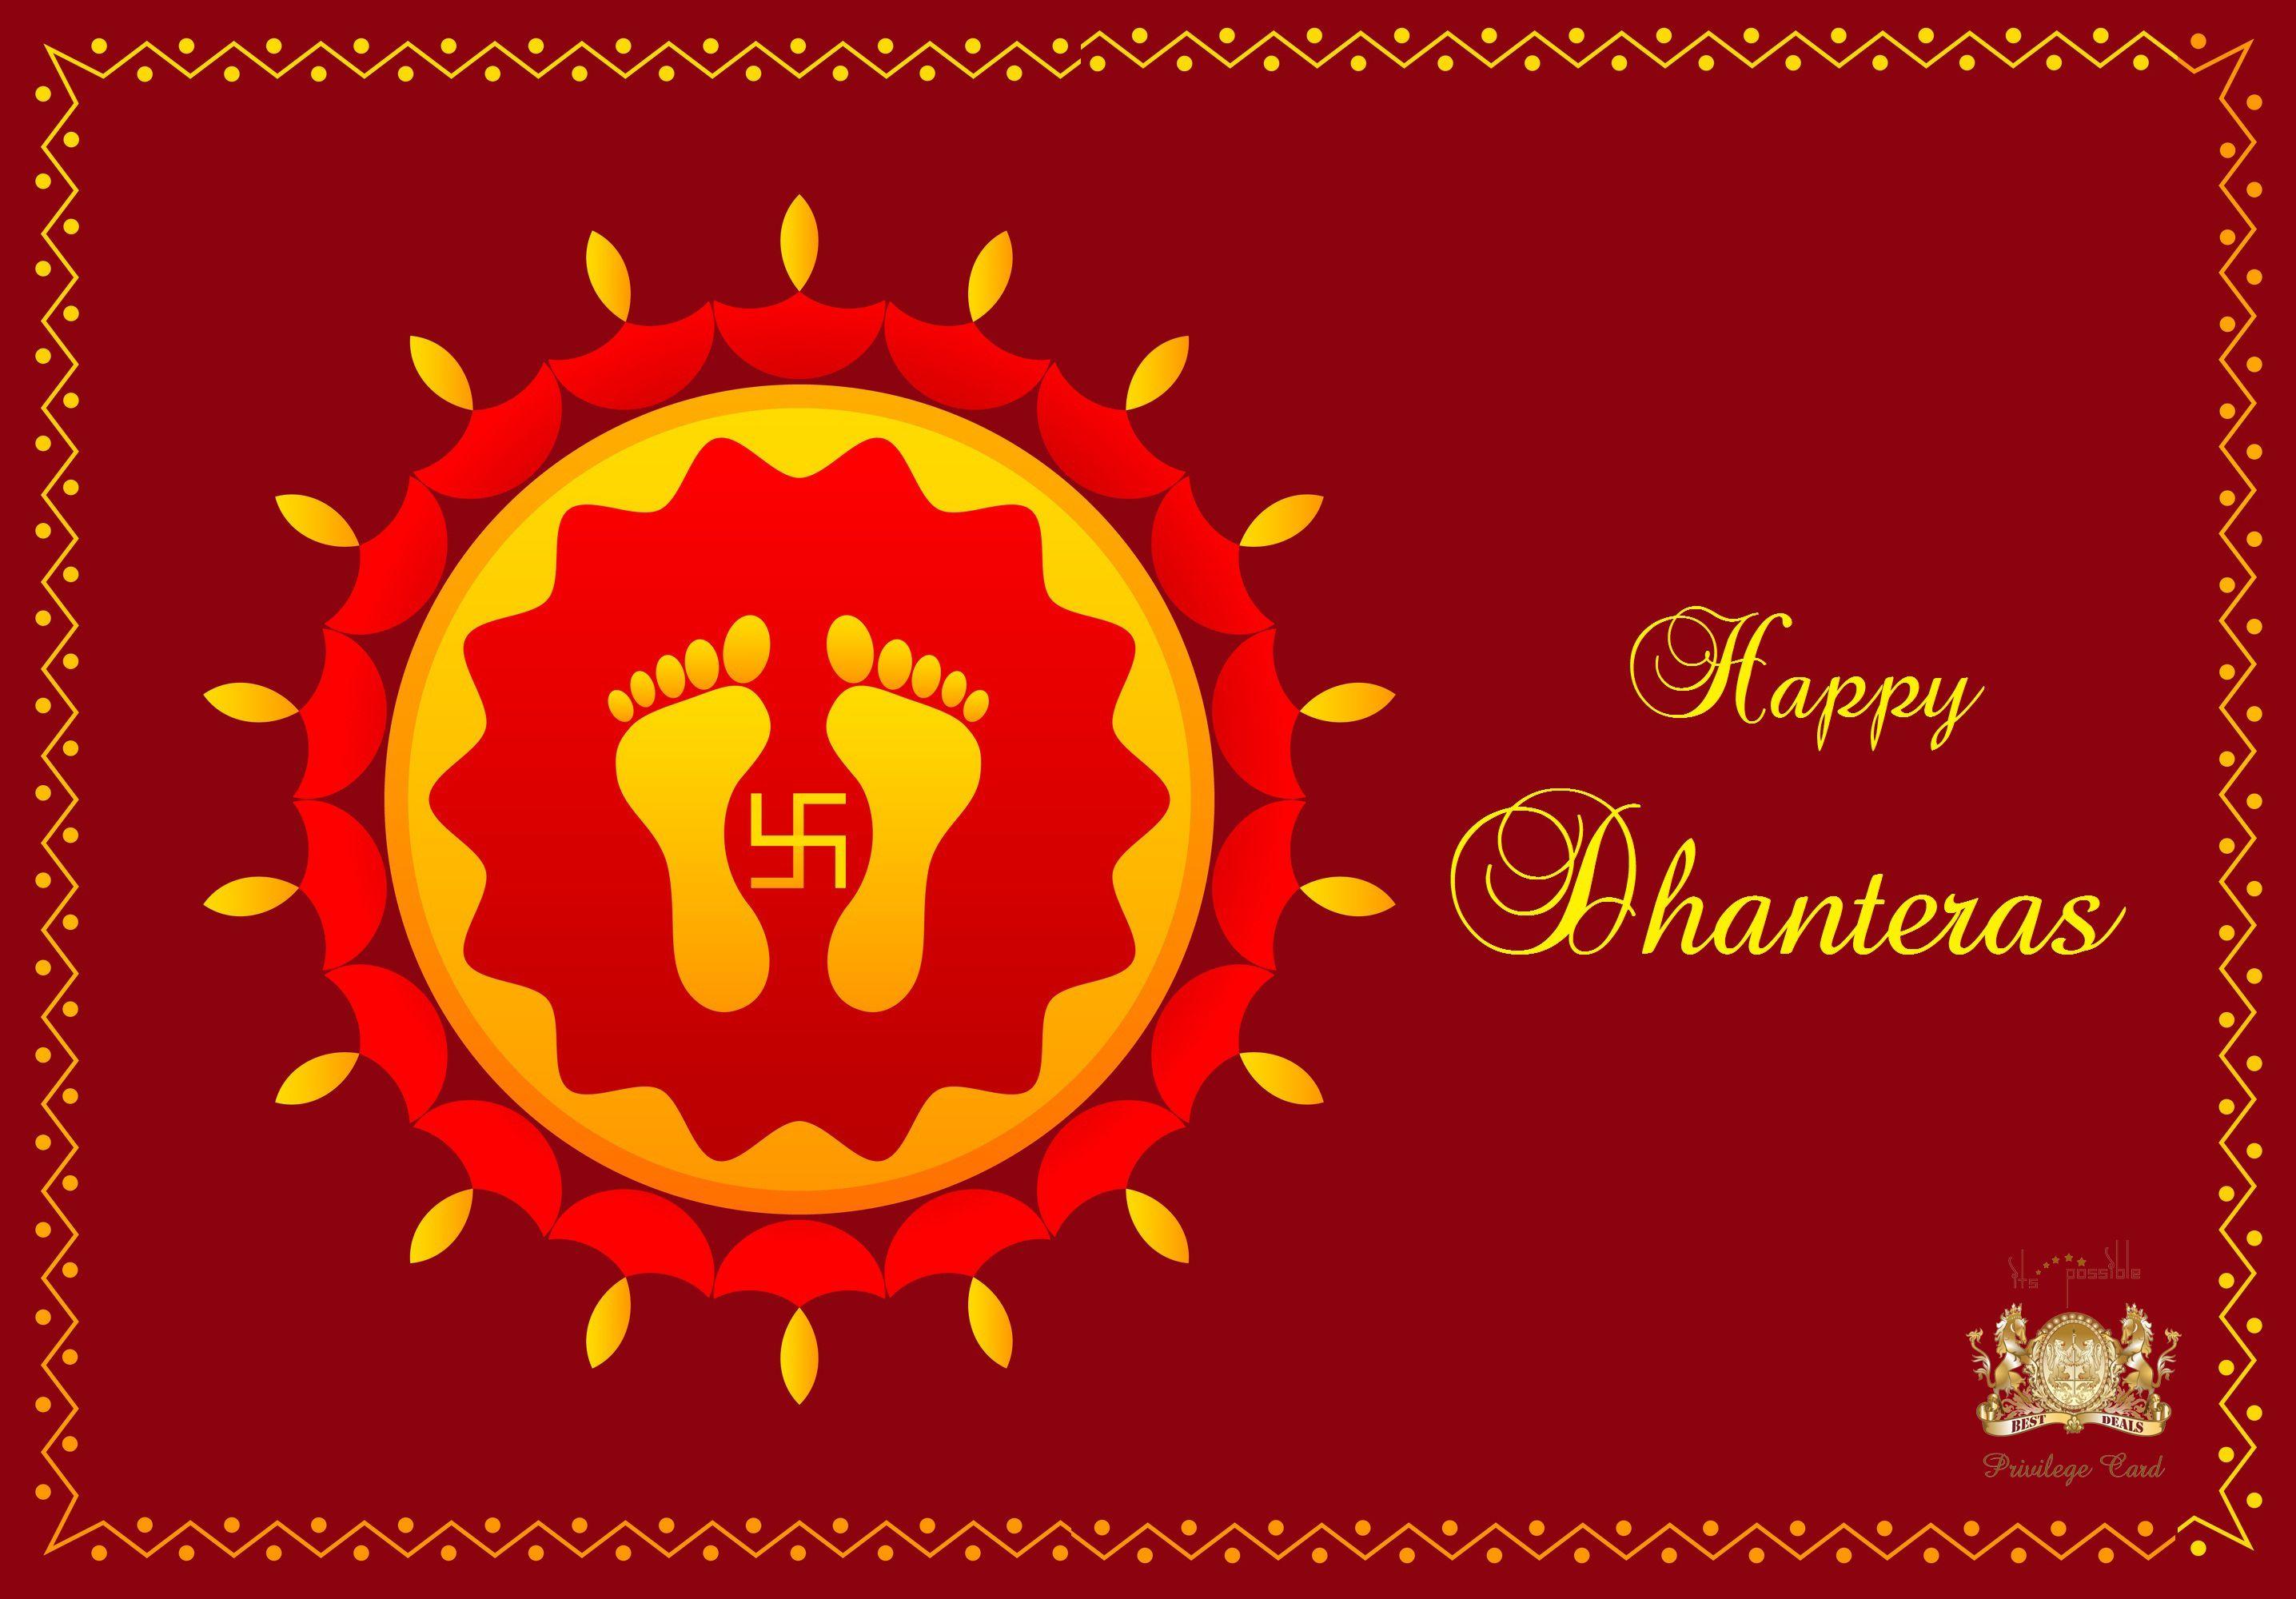 Happy Diwali SMS 2015 With